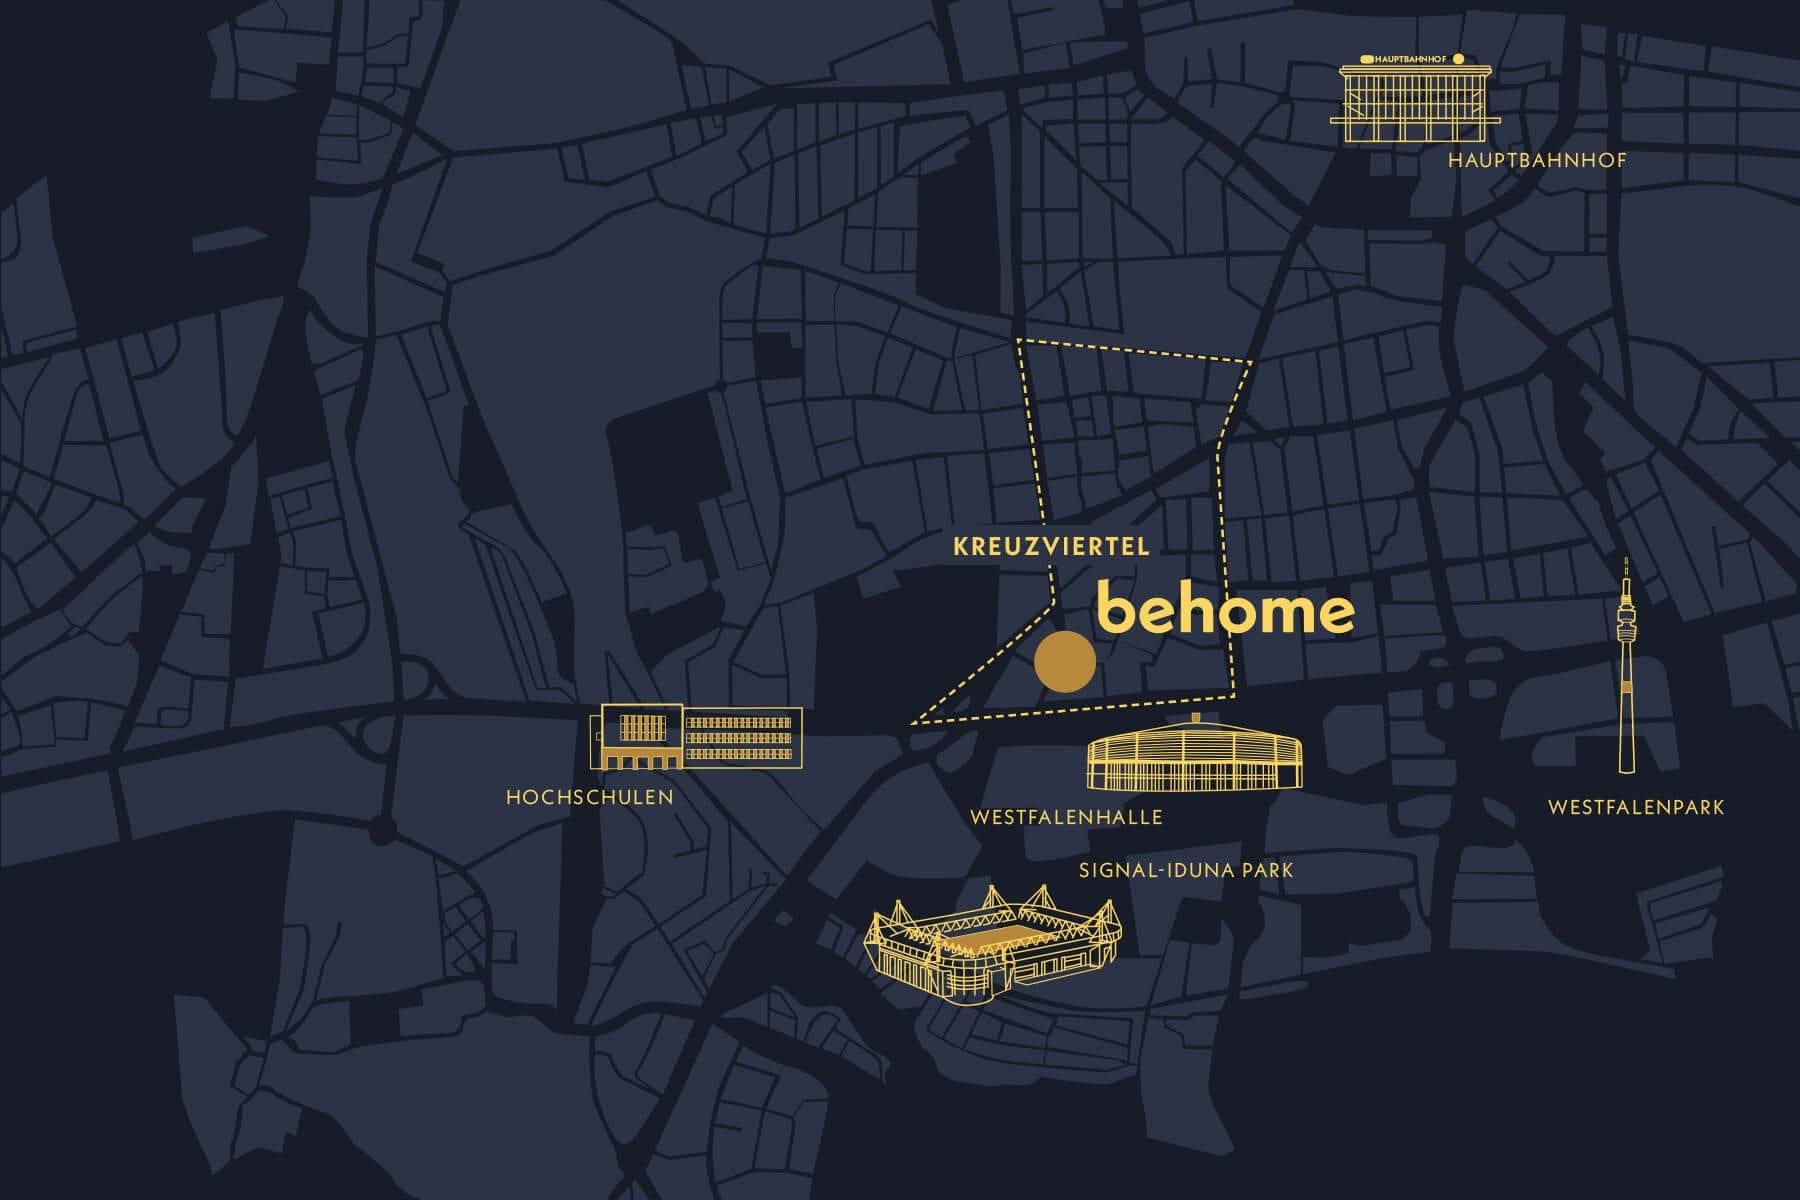 behome - Markenentwicklung Karte Dortmund